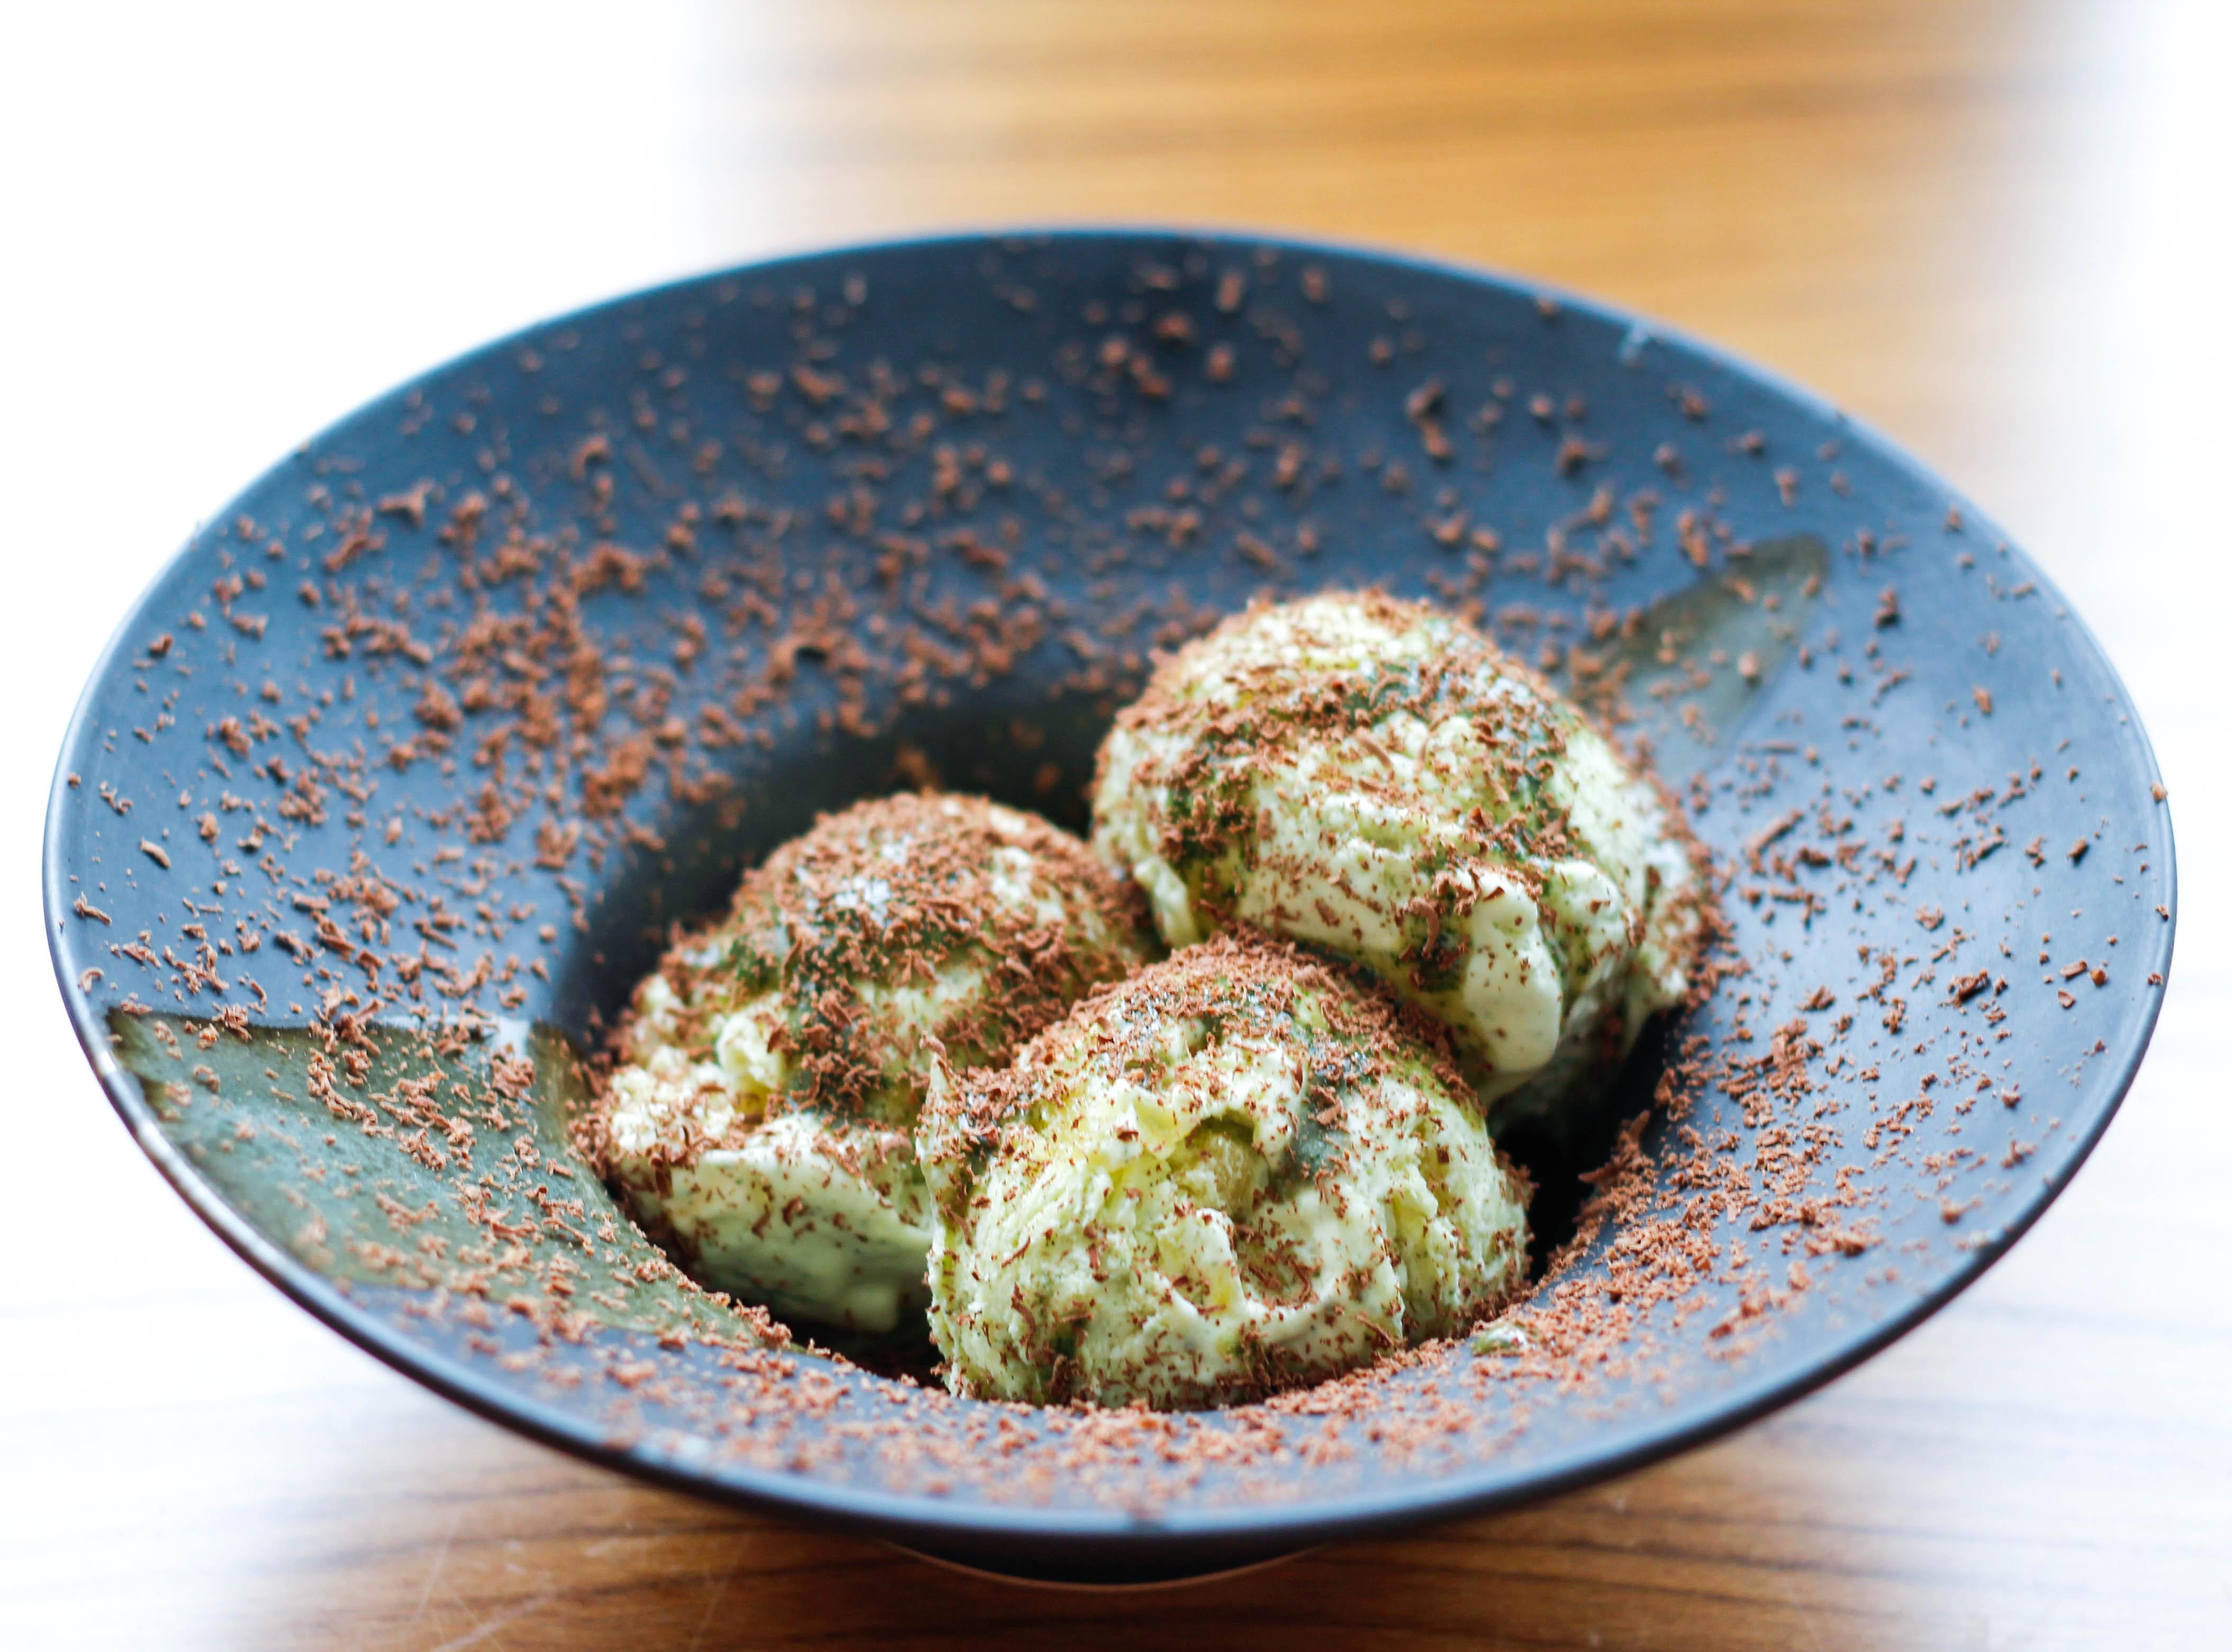 http://loveandlemongrass.com/2013/10/20/ananassalvieparfait-med-mandarin-og-karamelliseret-ananas/